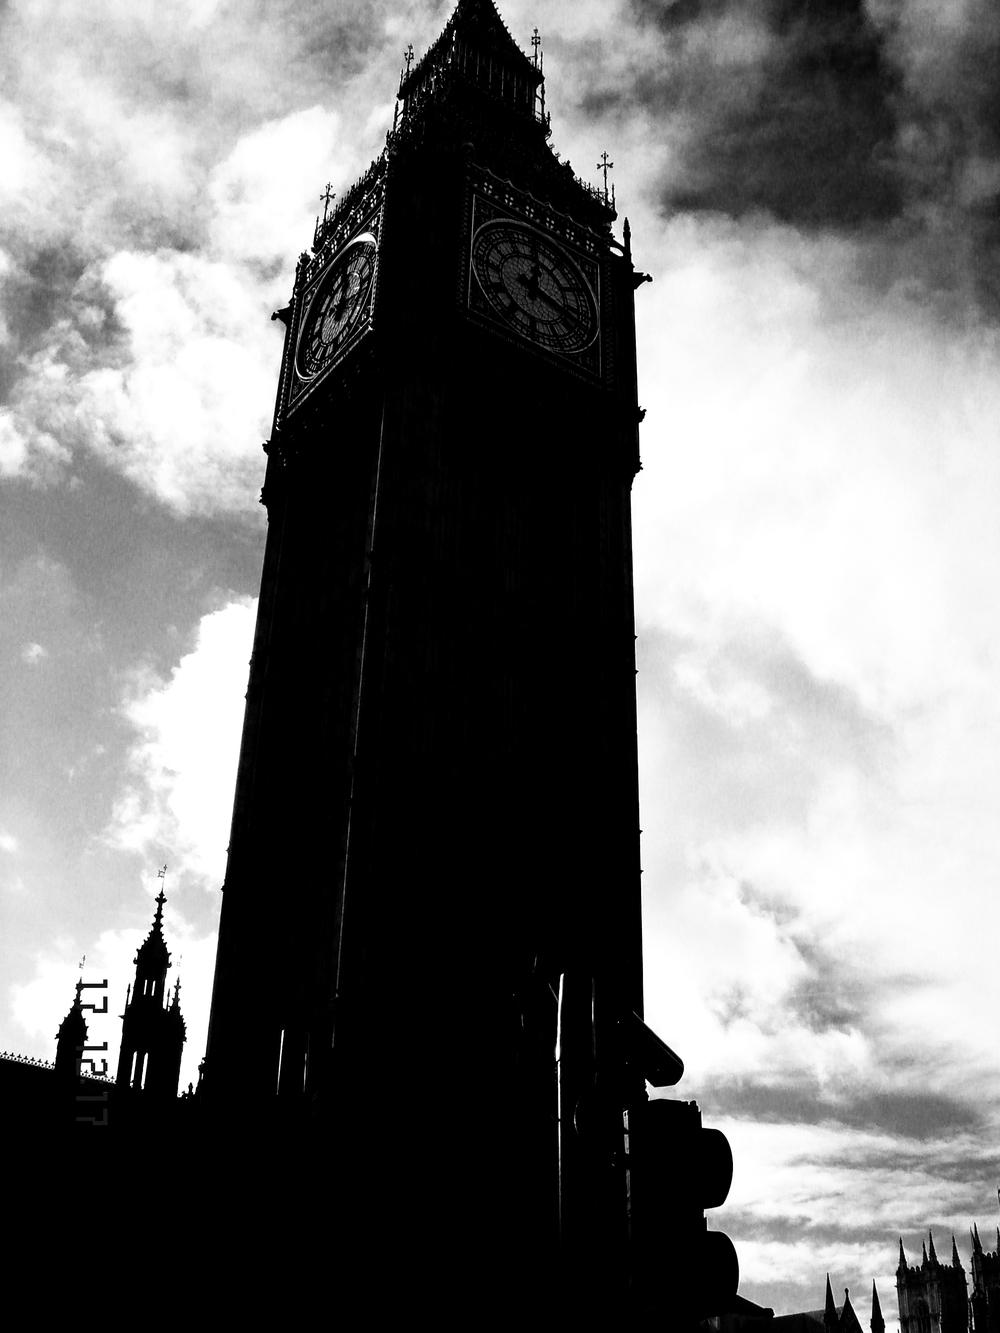 20150117_LONDON_5602.jpg